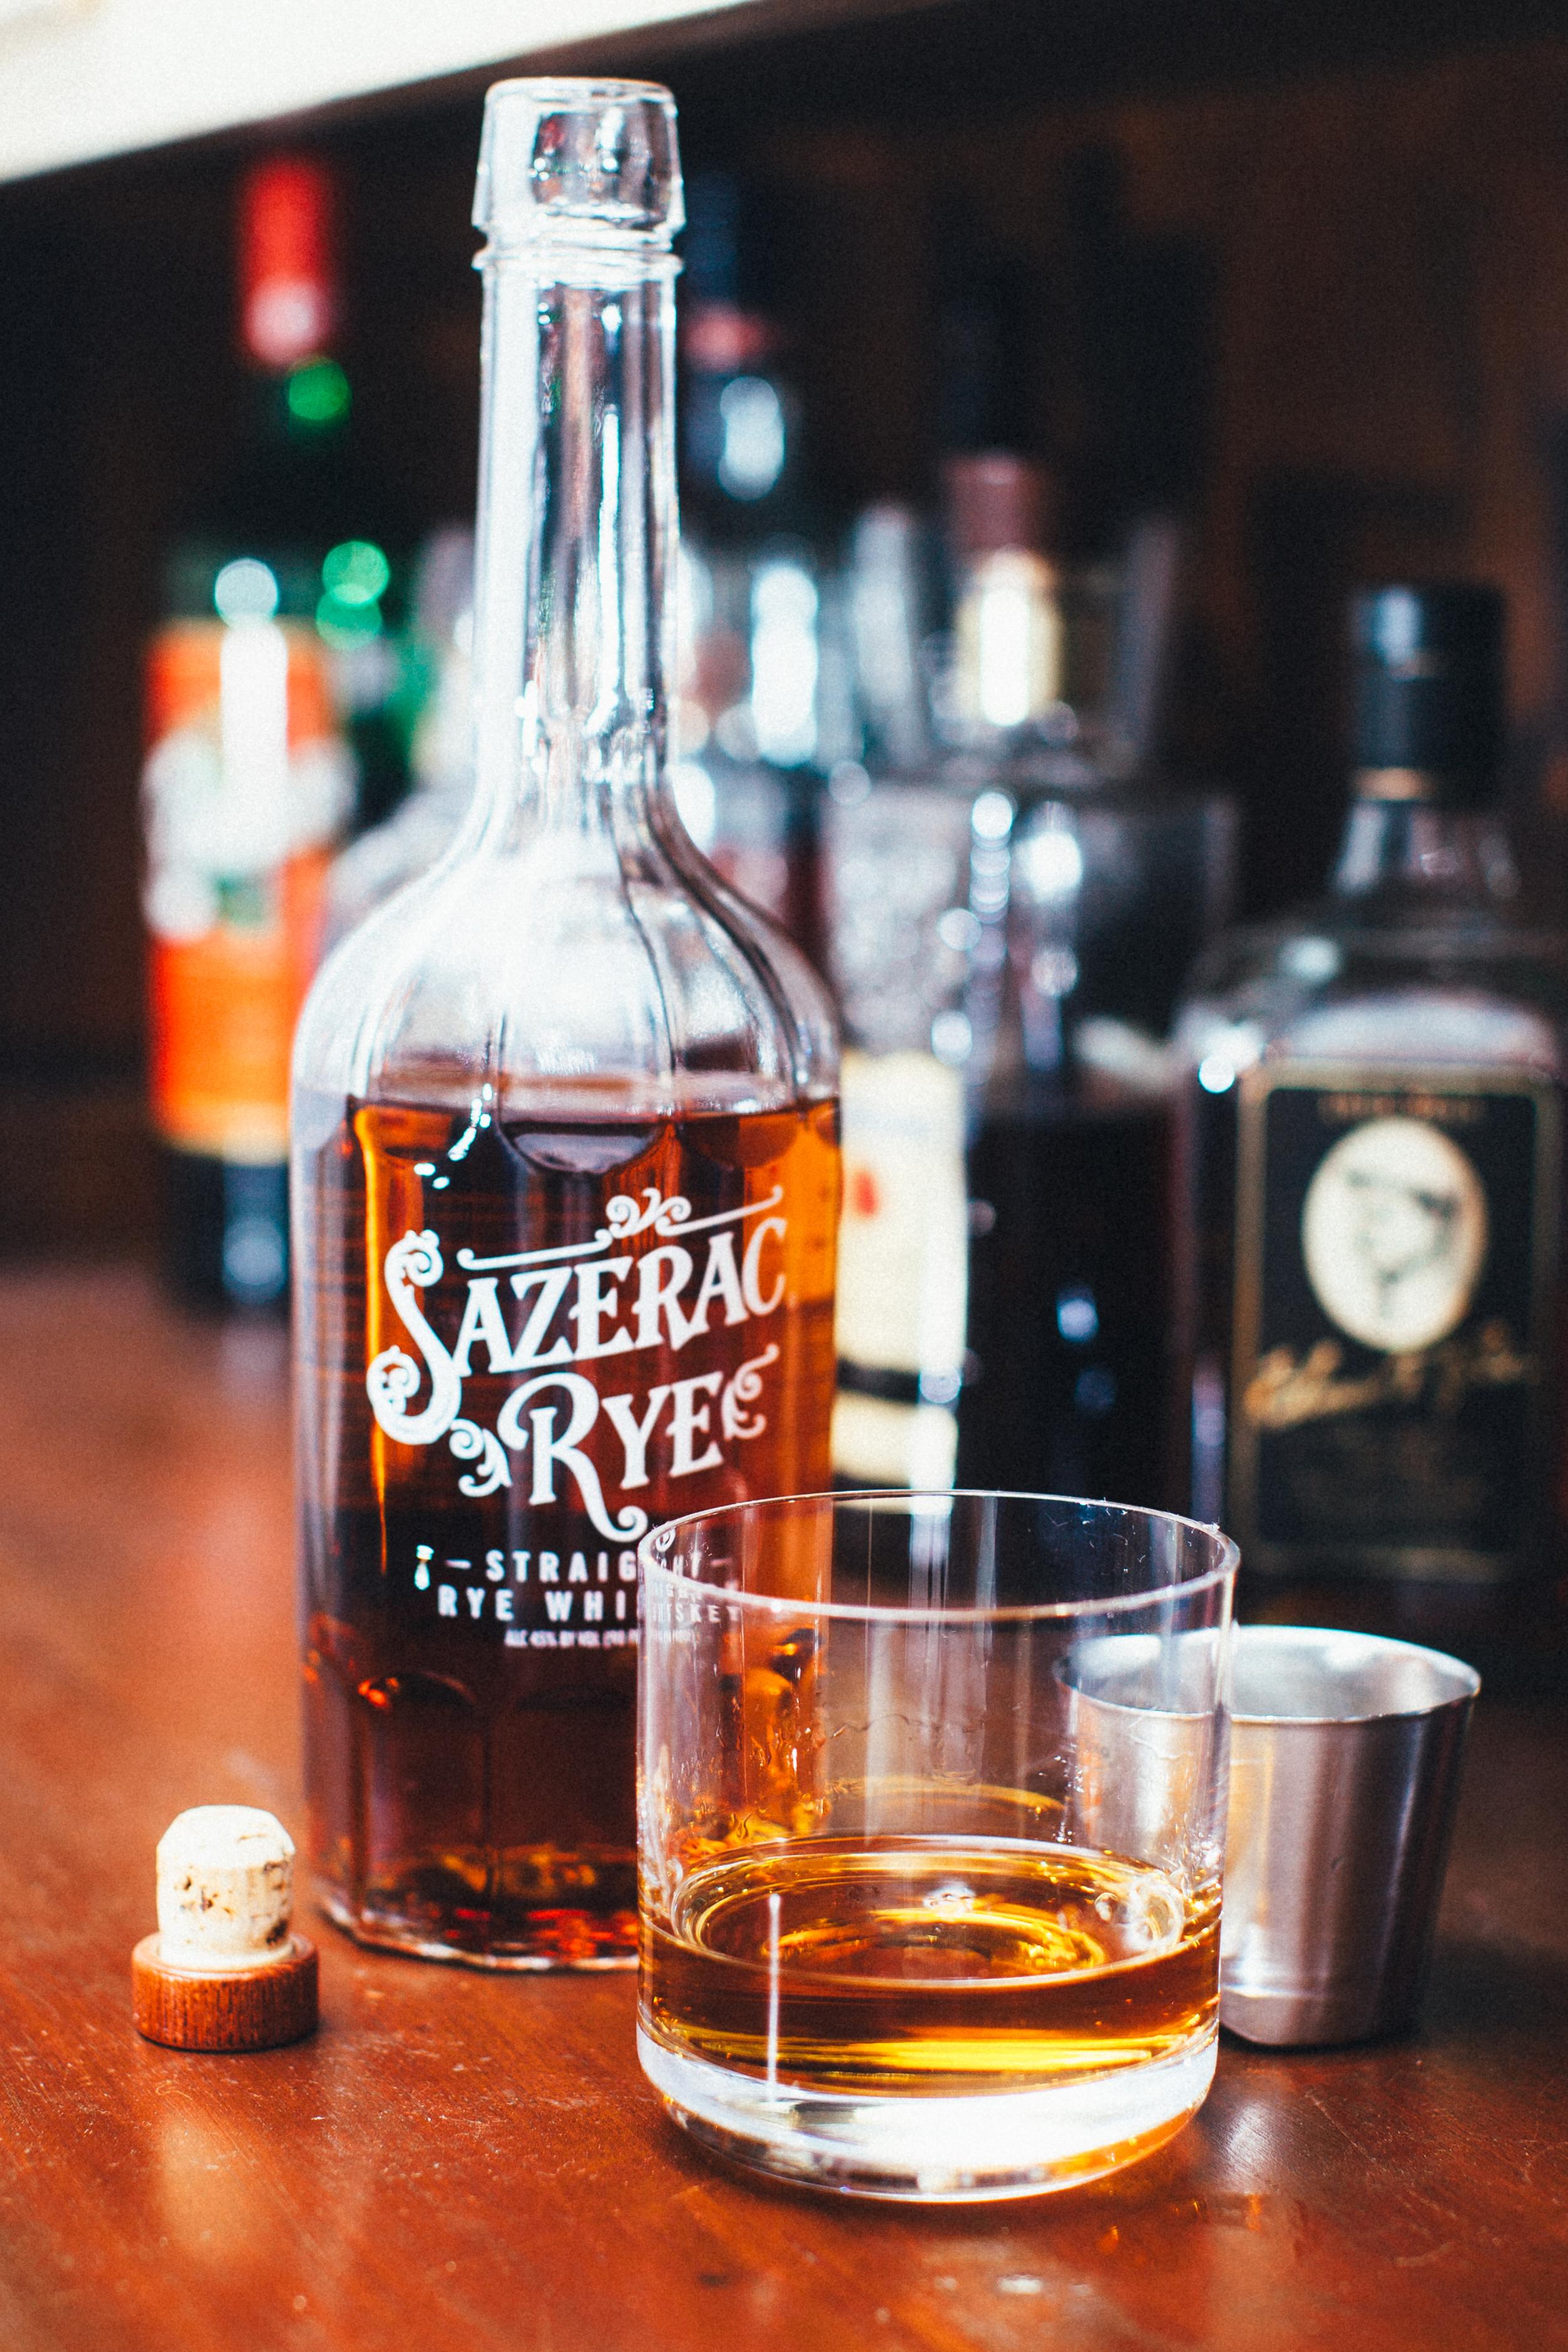 Sazerac straight rye whiskey